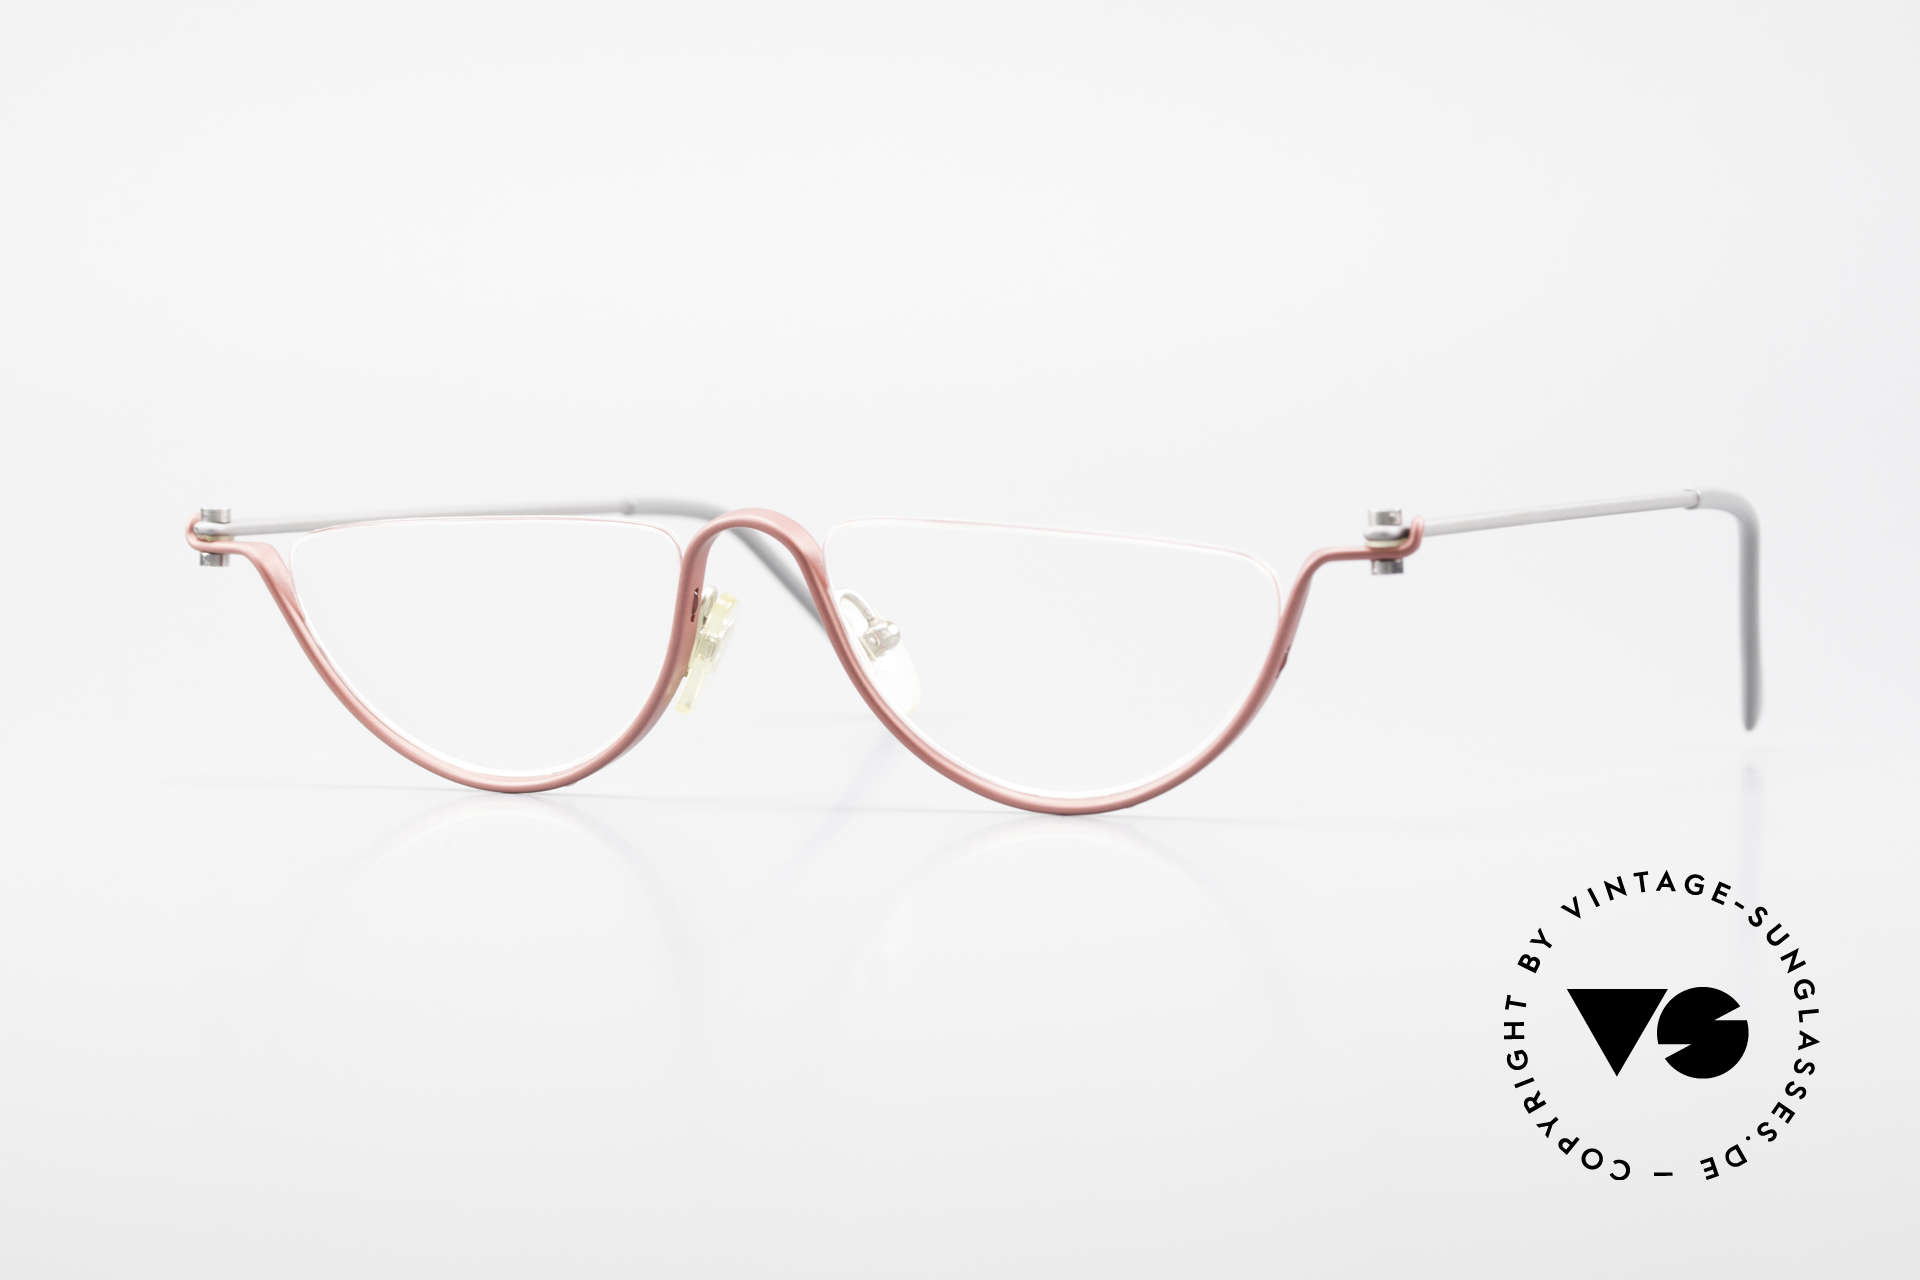 ProDesign No11 Gail Spence Design Eyeglasses, ProDesign N°ELEVEN - Optic Studio Denmark Specs, Made for Women